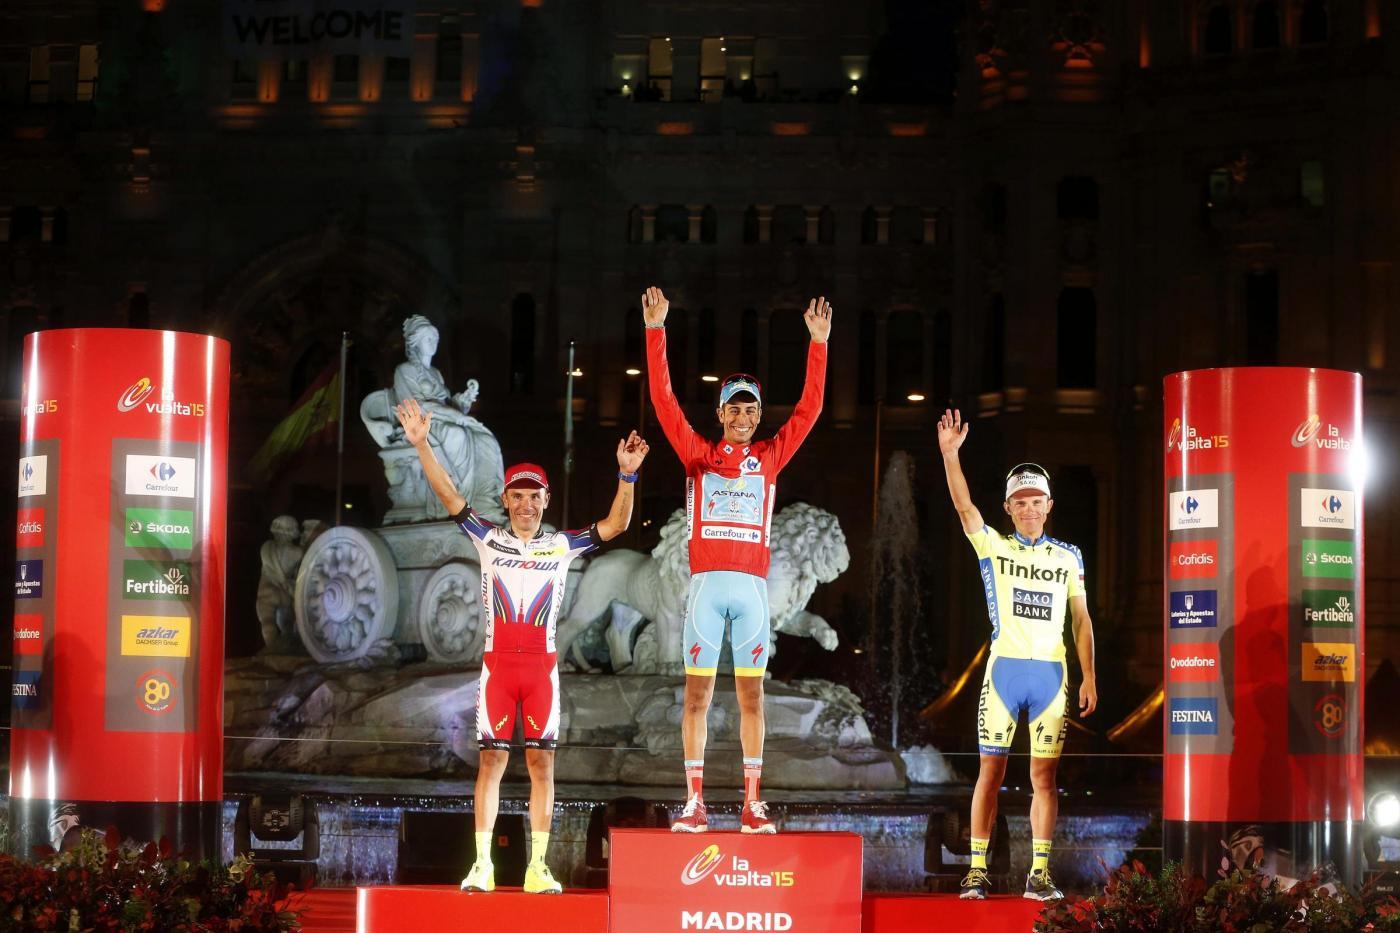 Vuelta di Spagna 2015 a Fabio Aru, la consacrazione